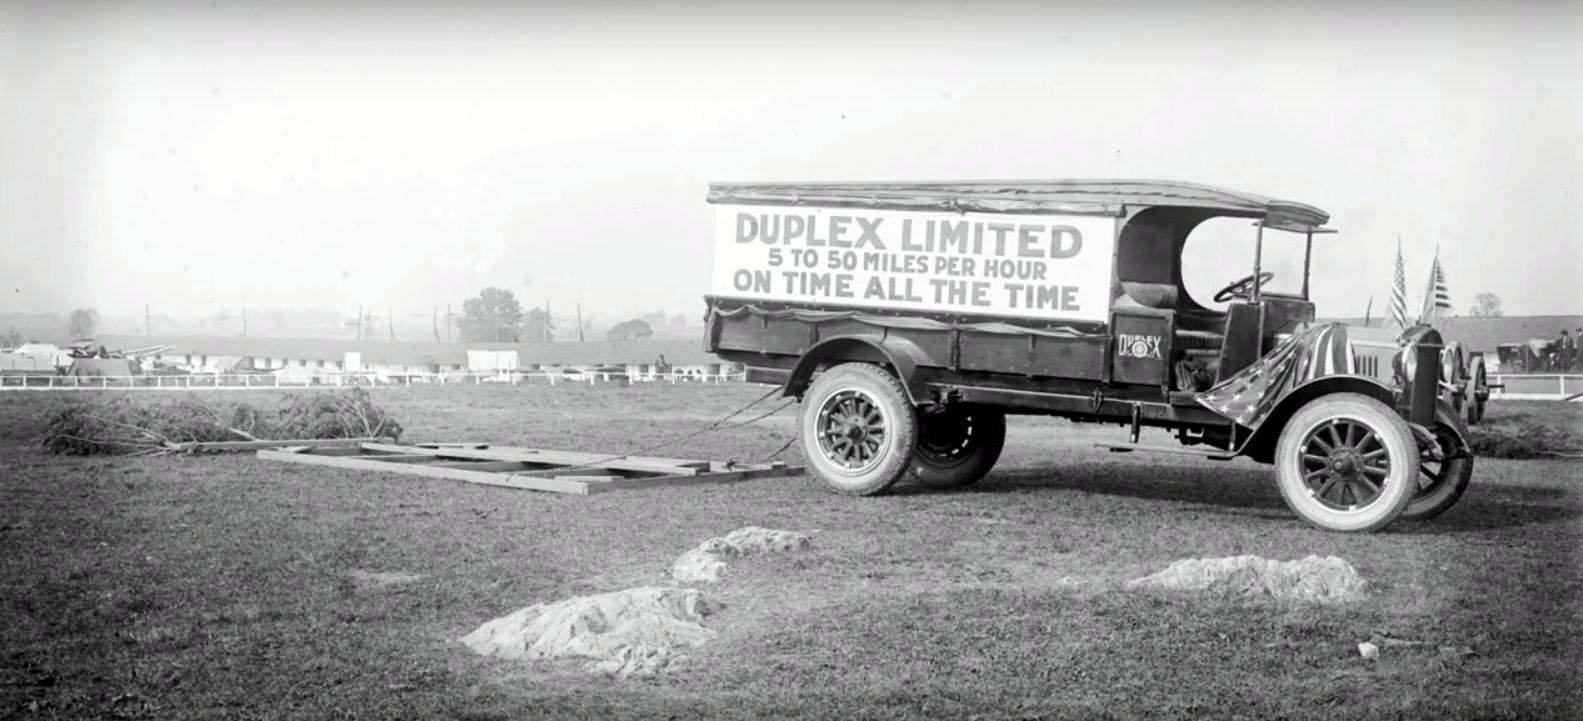 0--Duplex-1920